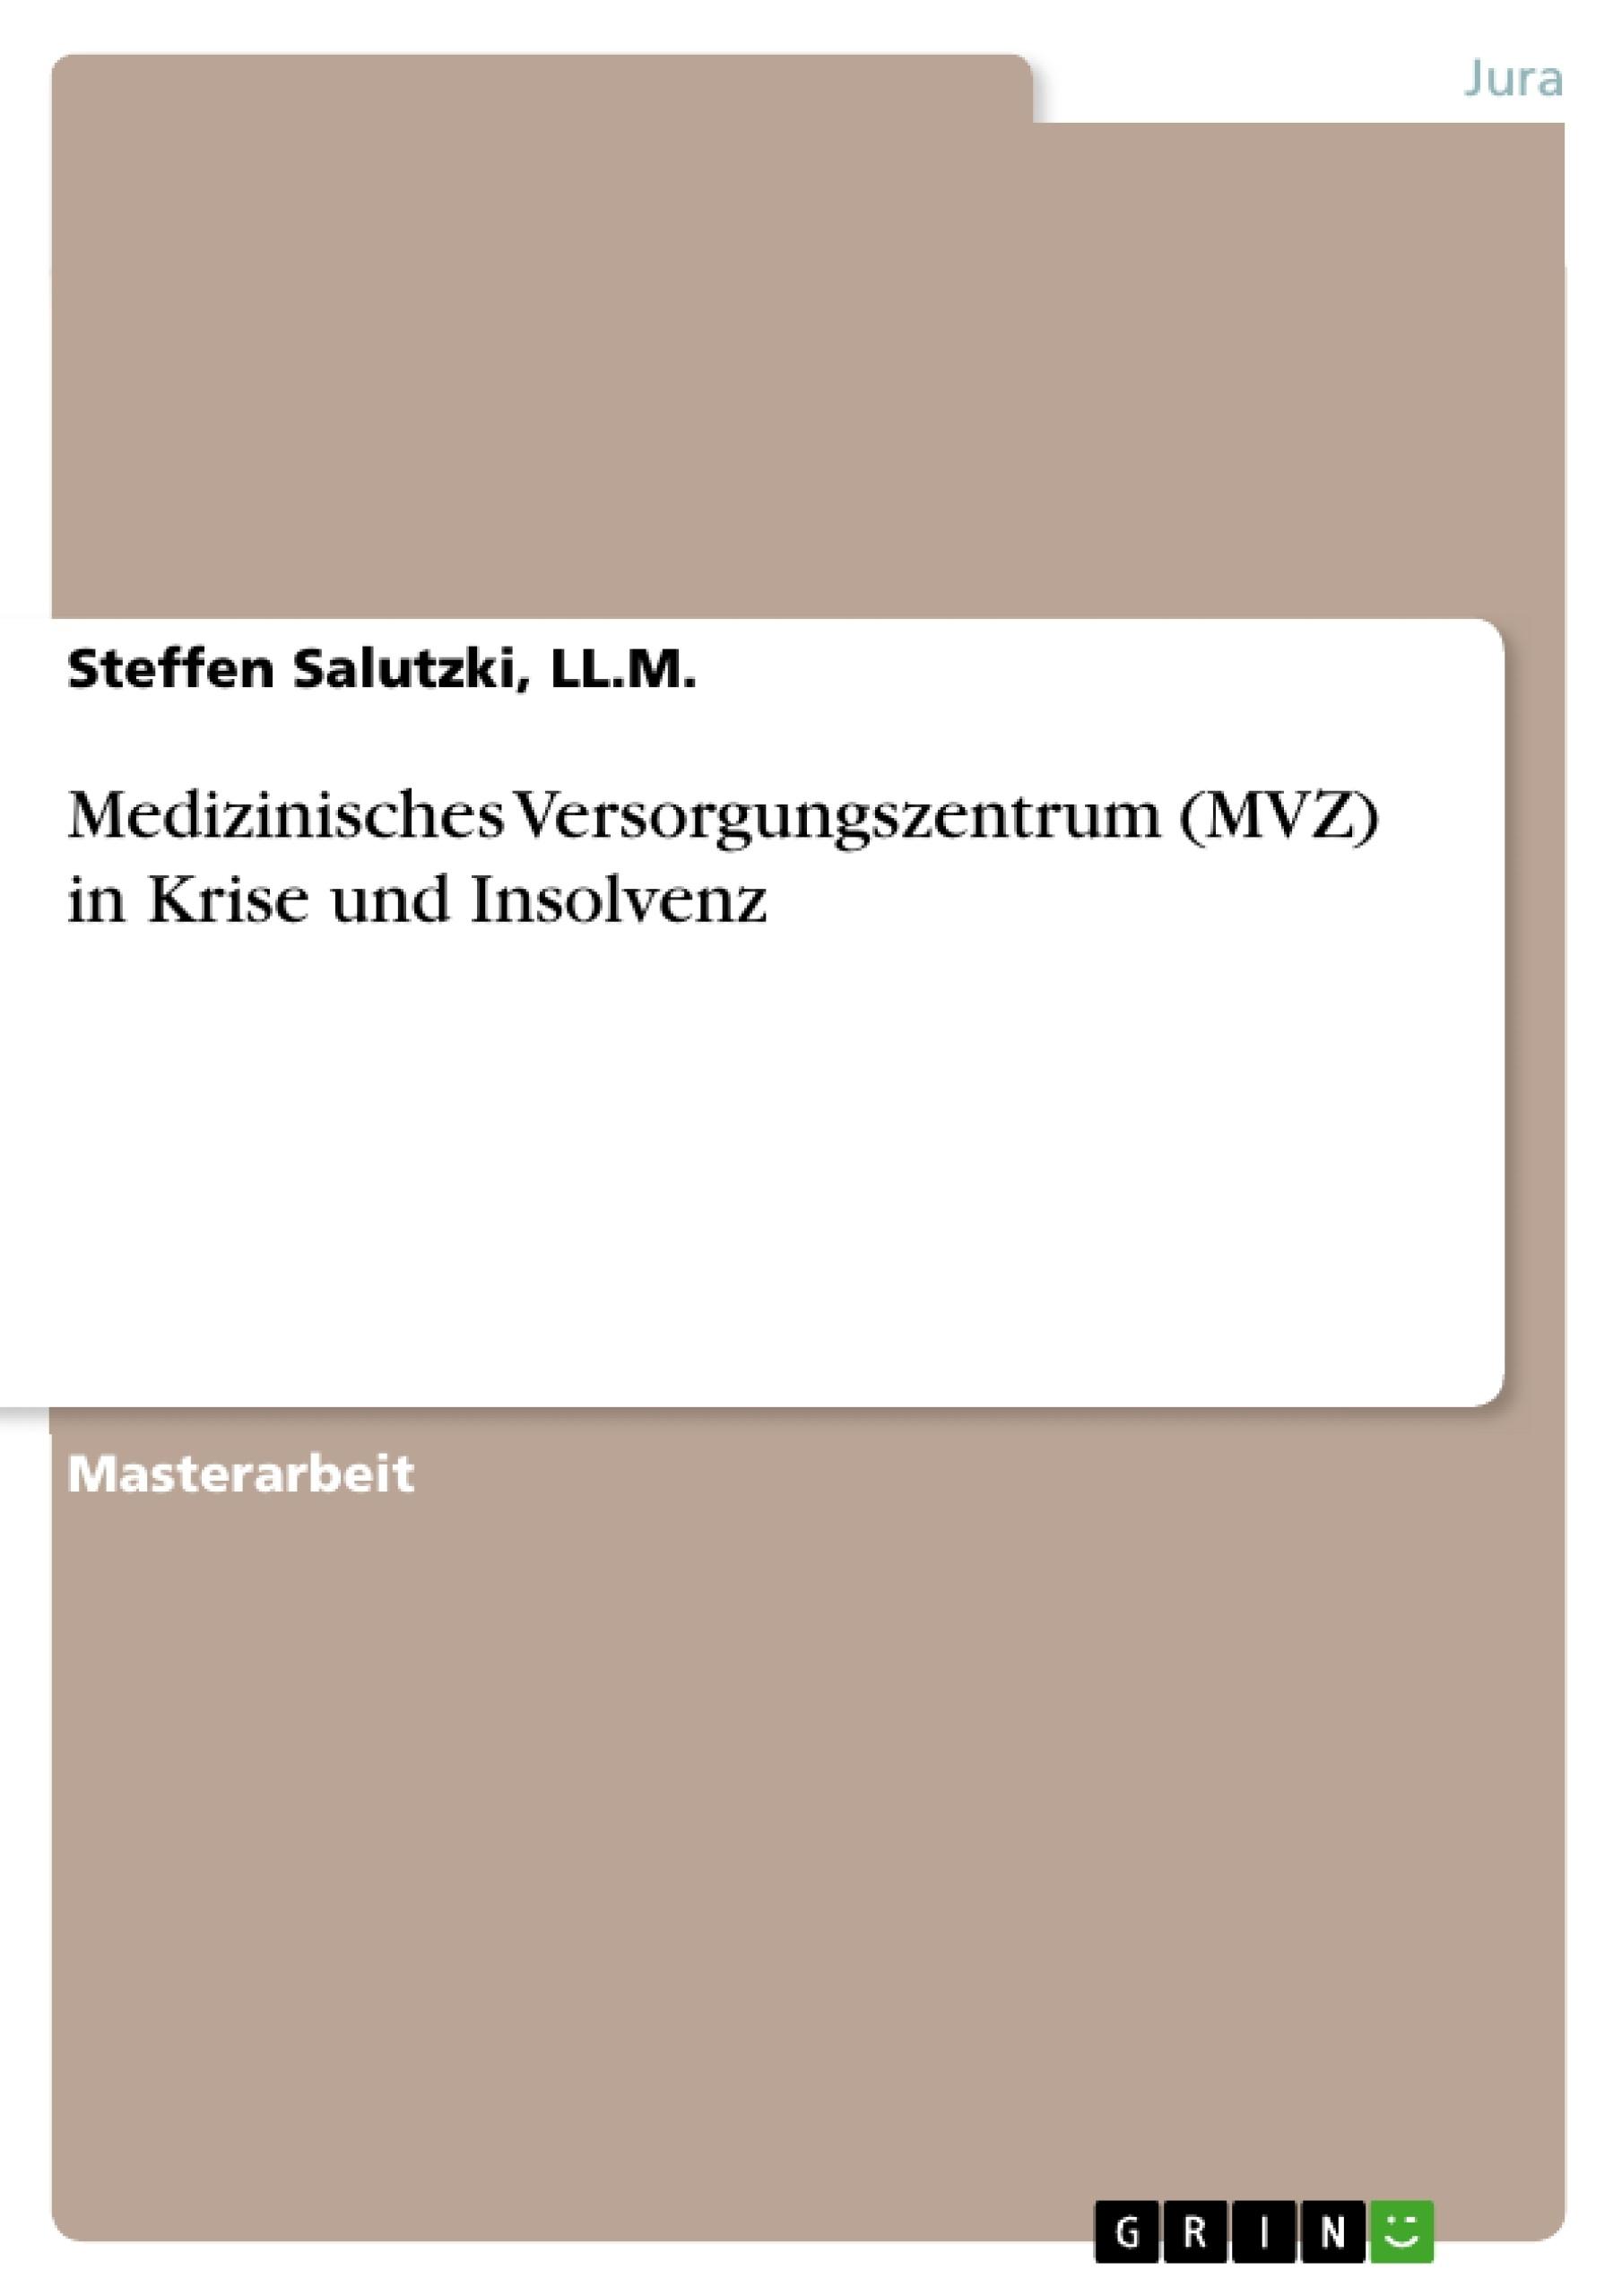 Titel: Medizinisches Versorgungszentrum (MVZ) in Krise und Insolvenz